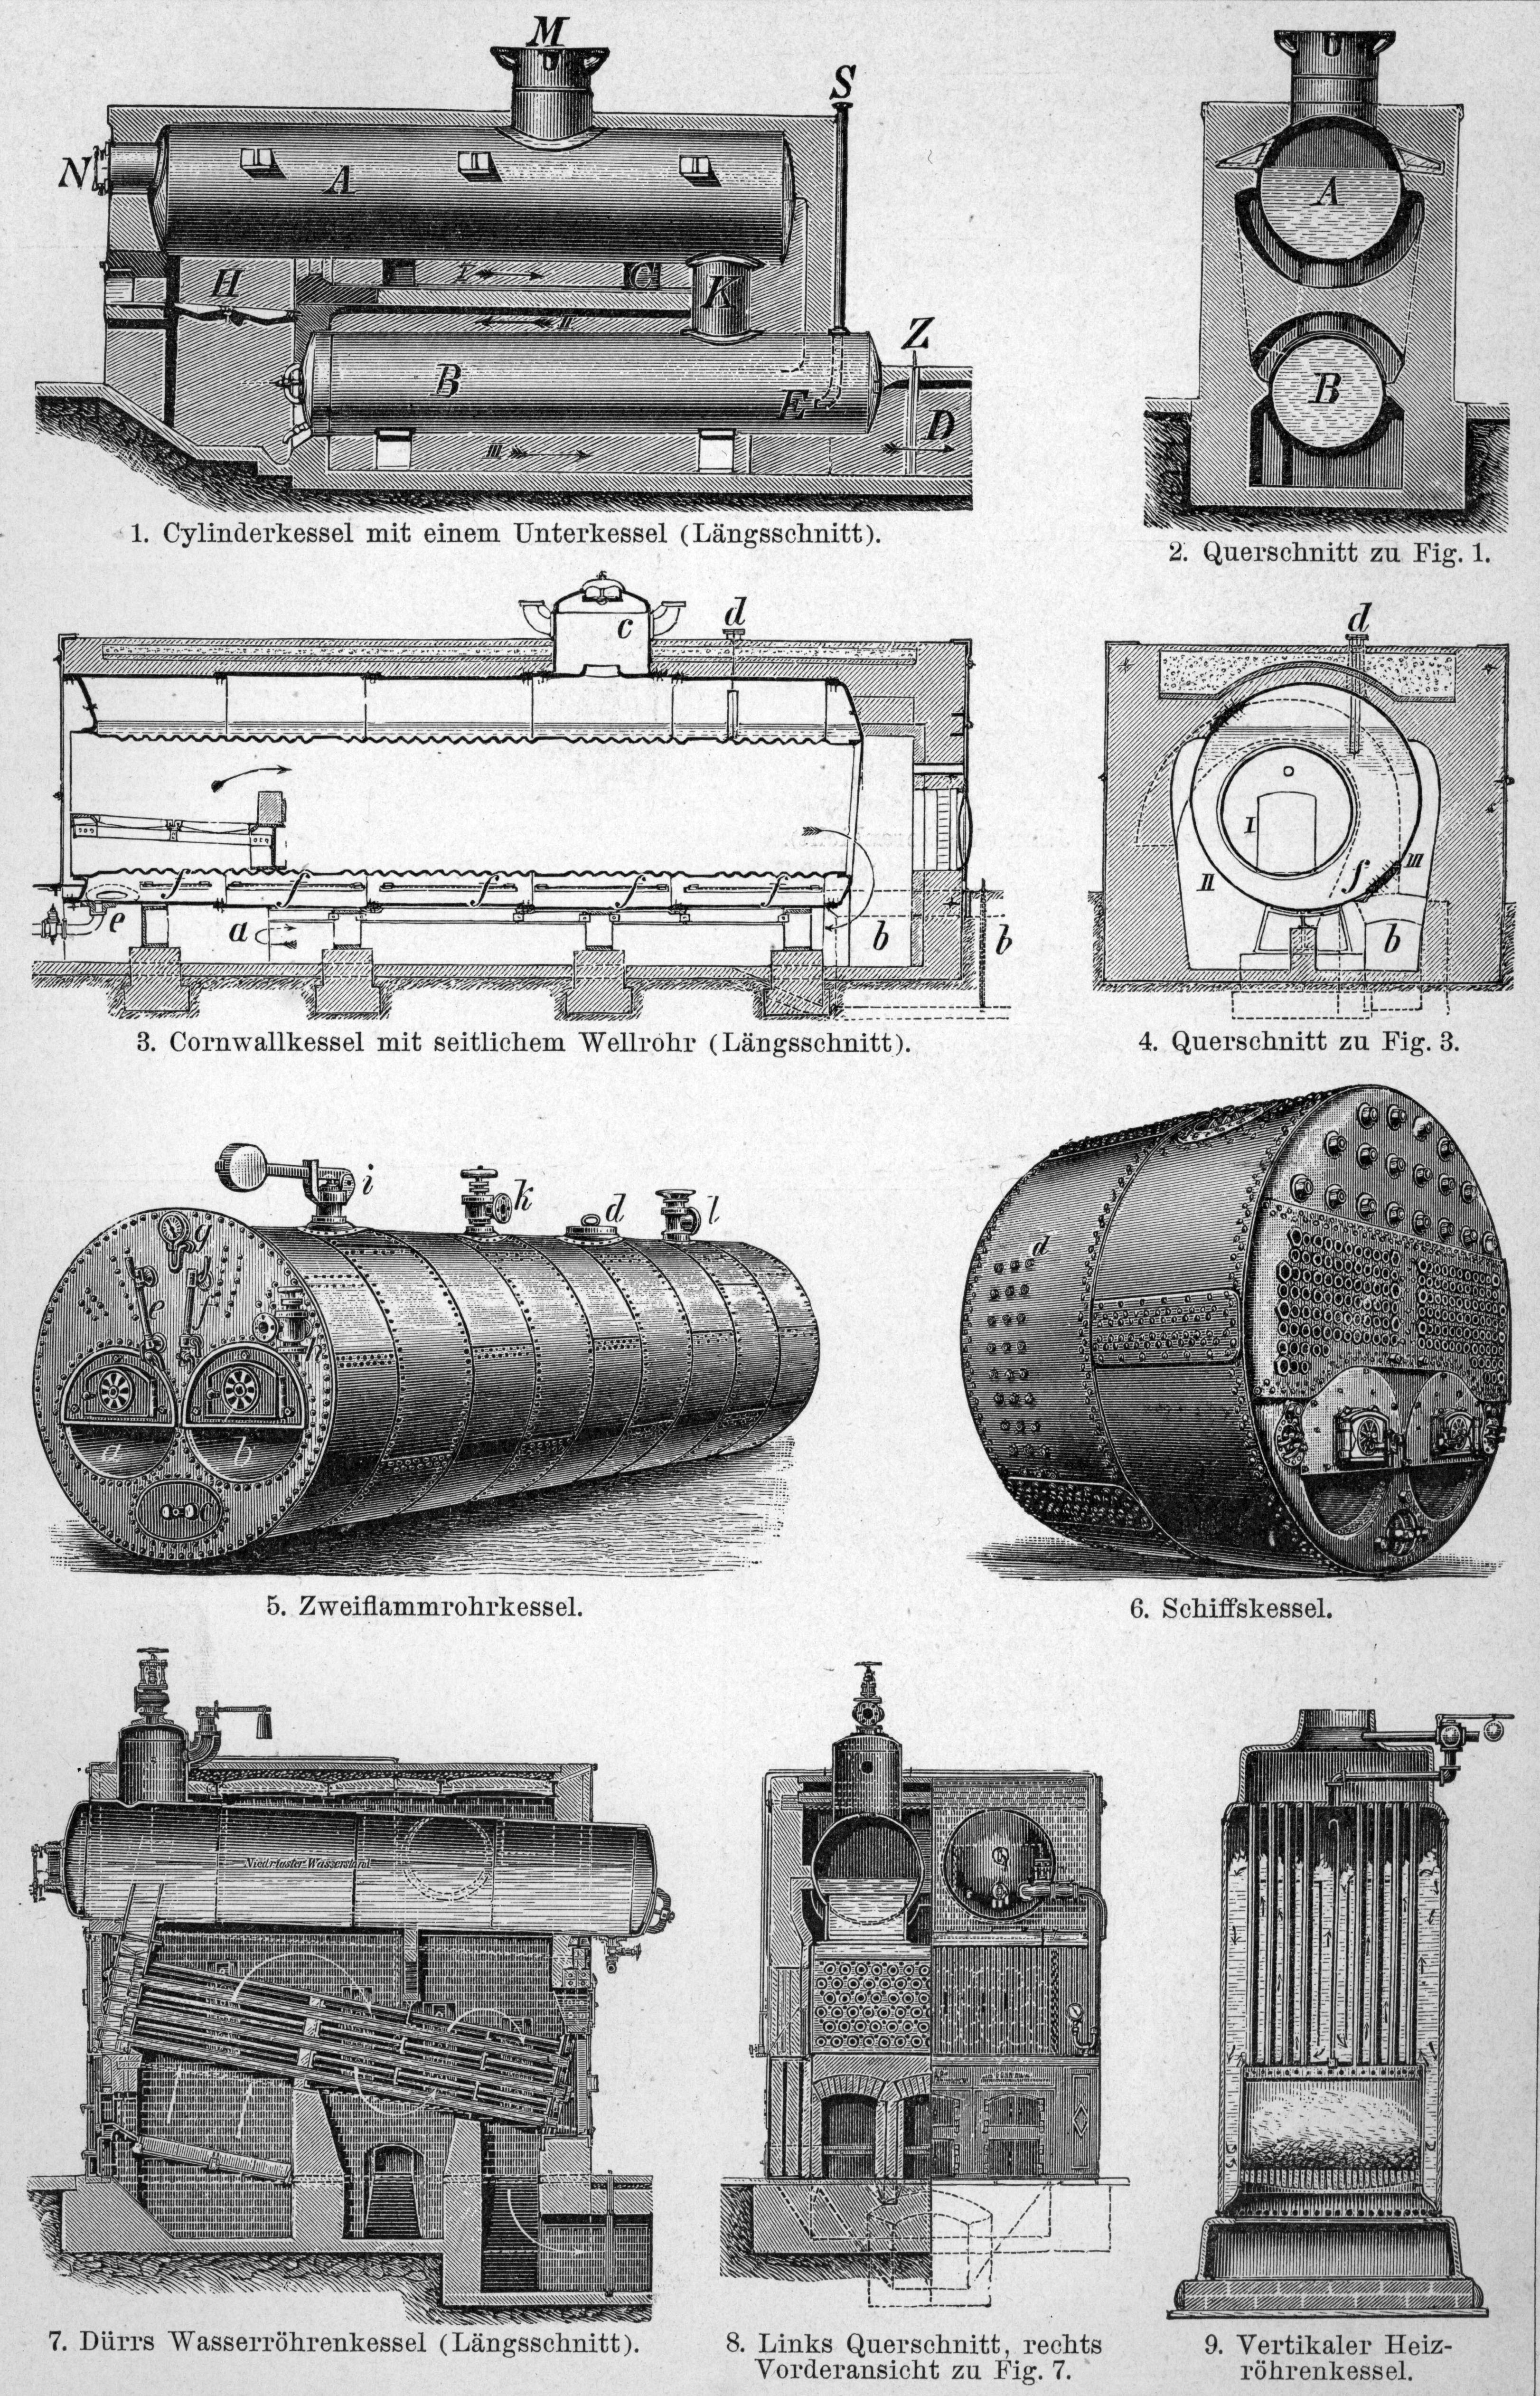 Großzügig Dampfkessel Wikipedia Bilder - Die Besten Elektrischen ...